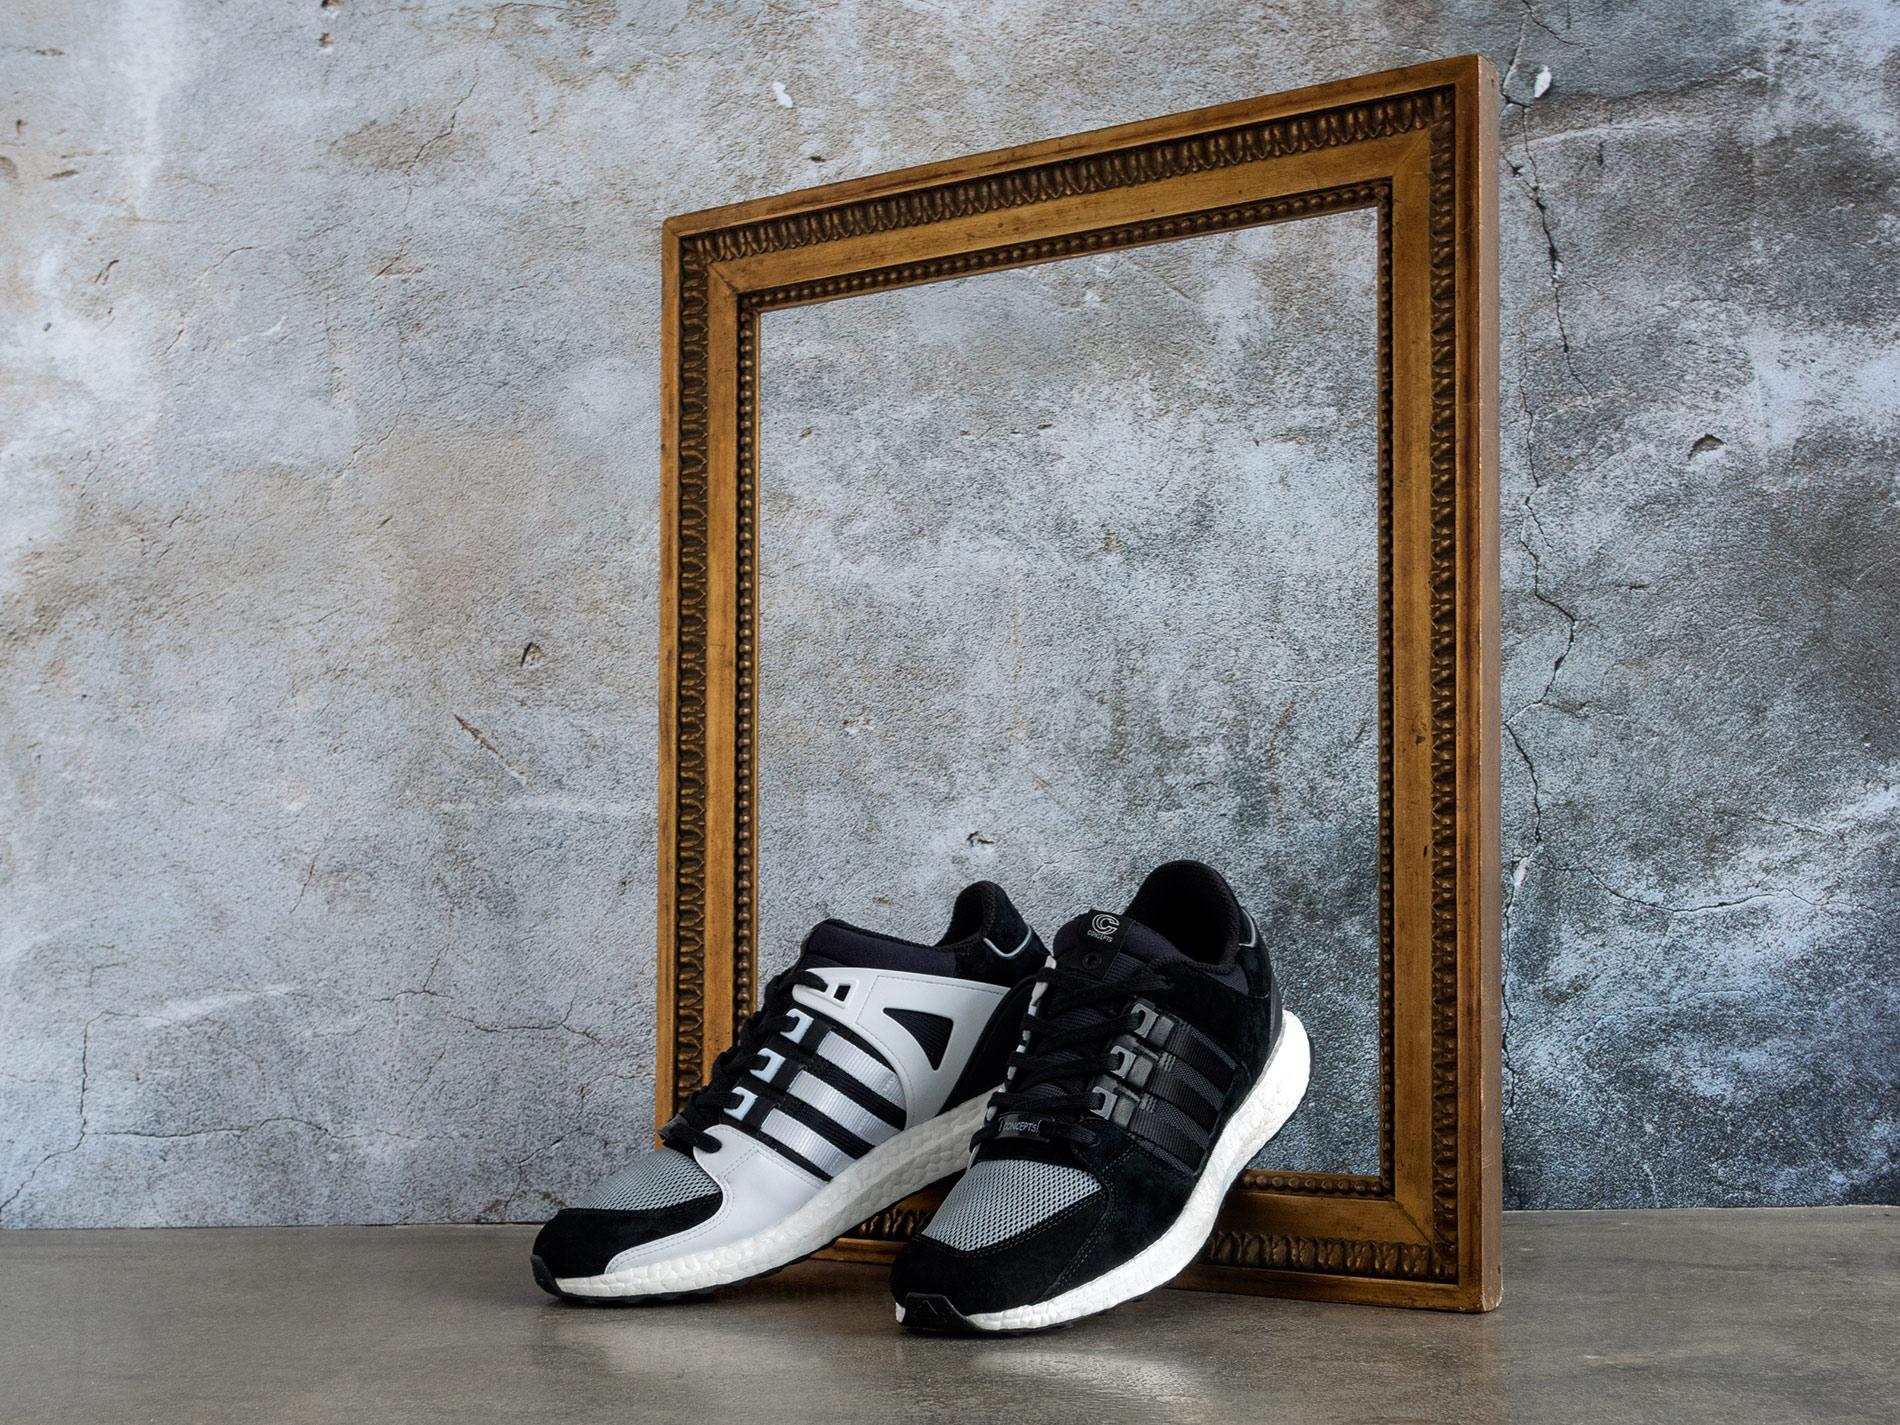 adidas-concepts-eqt-support-9316-black-03